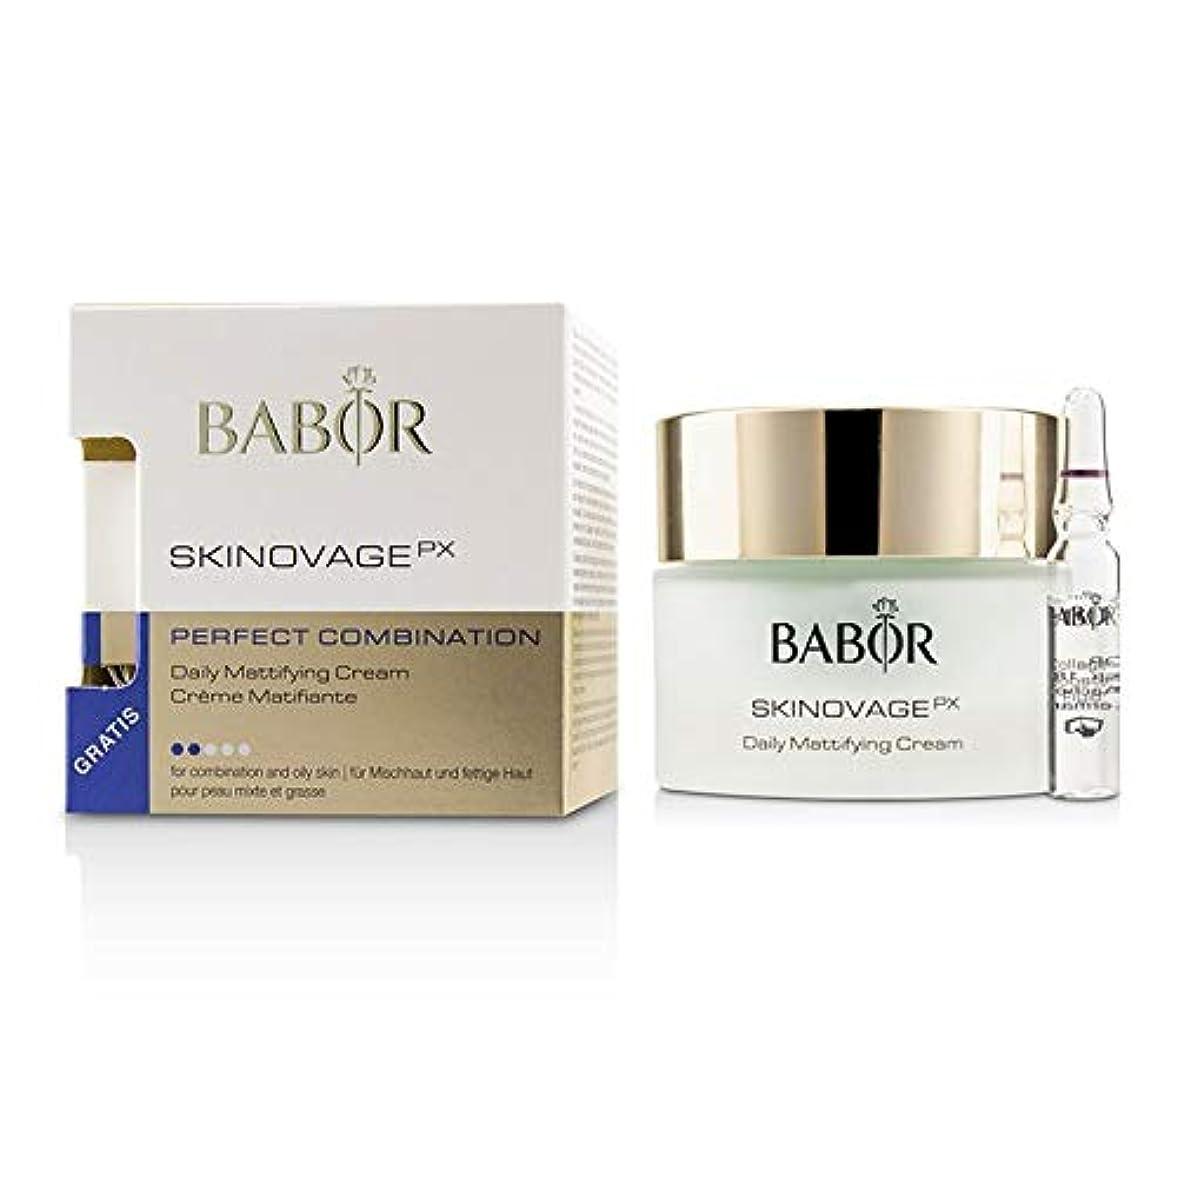 秀でるマスタードハリウッドバボール Skinovage PX Perfect Combination Daily Mattifying Cream (with Free Collagen Booster Fluid 2ml) - For Combination...